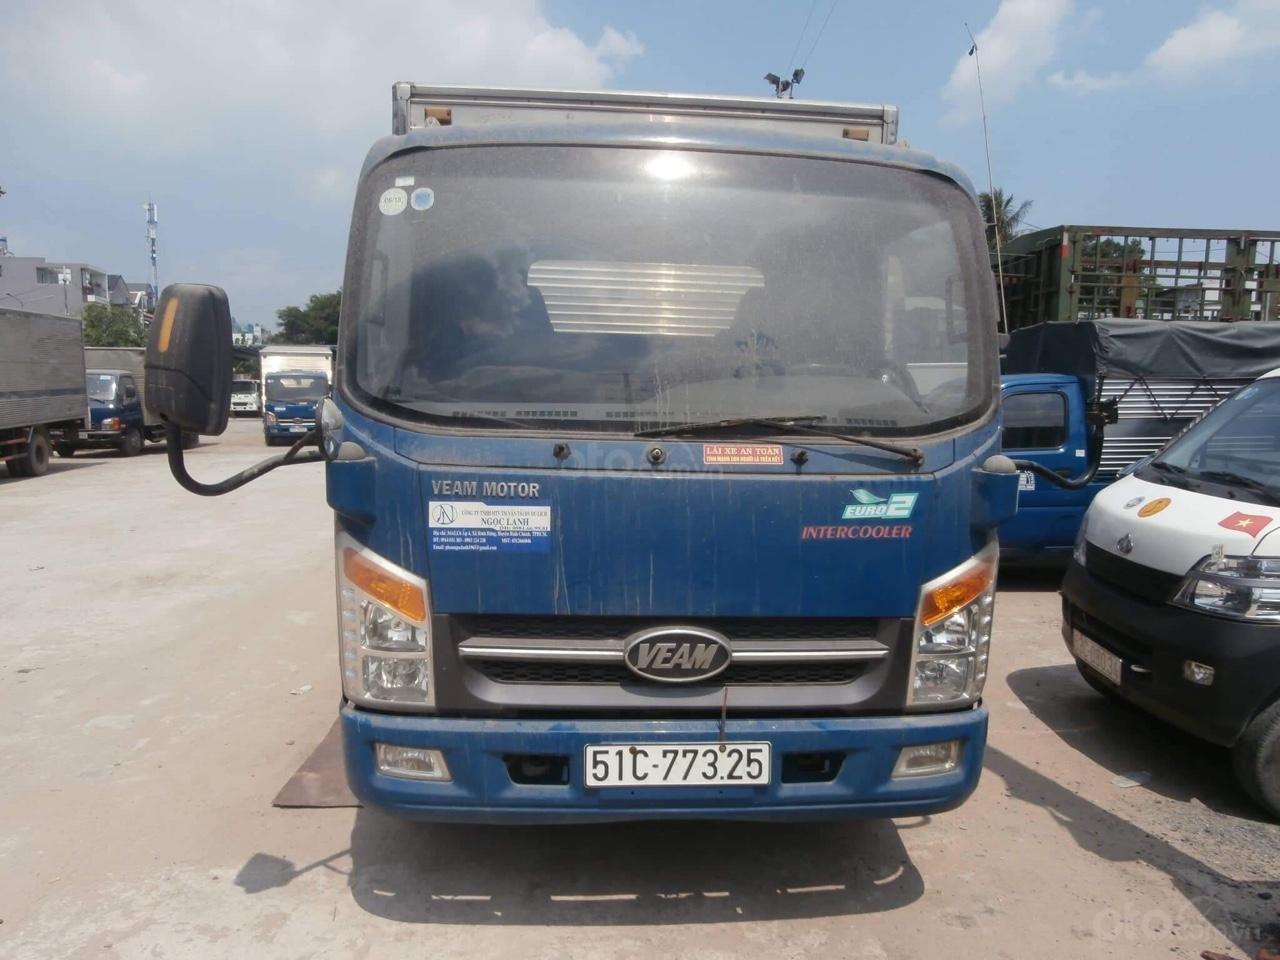 Cần bán Veam VT200 năm 2016, màu xanh lam BKS 51C-773.25 (4)